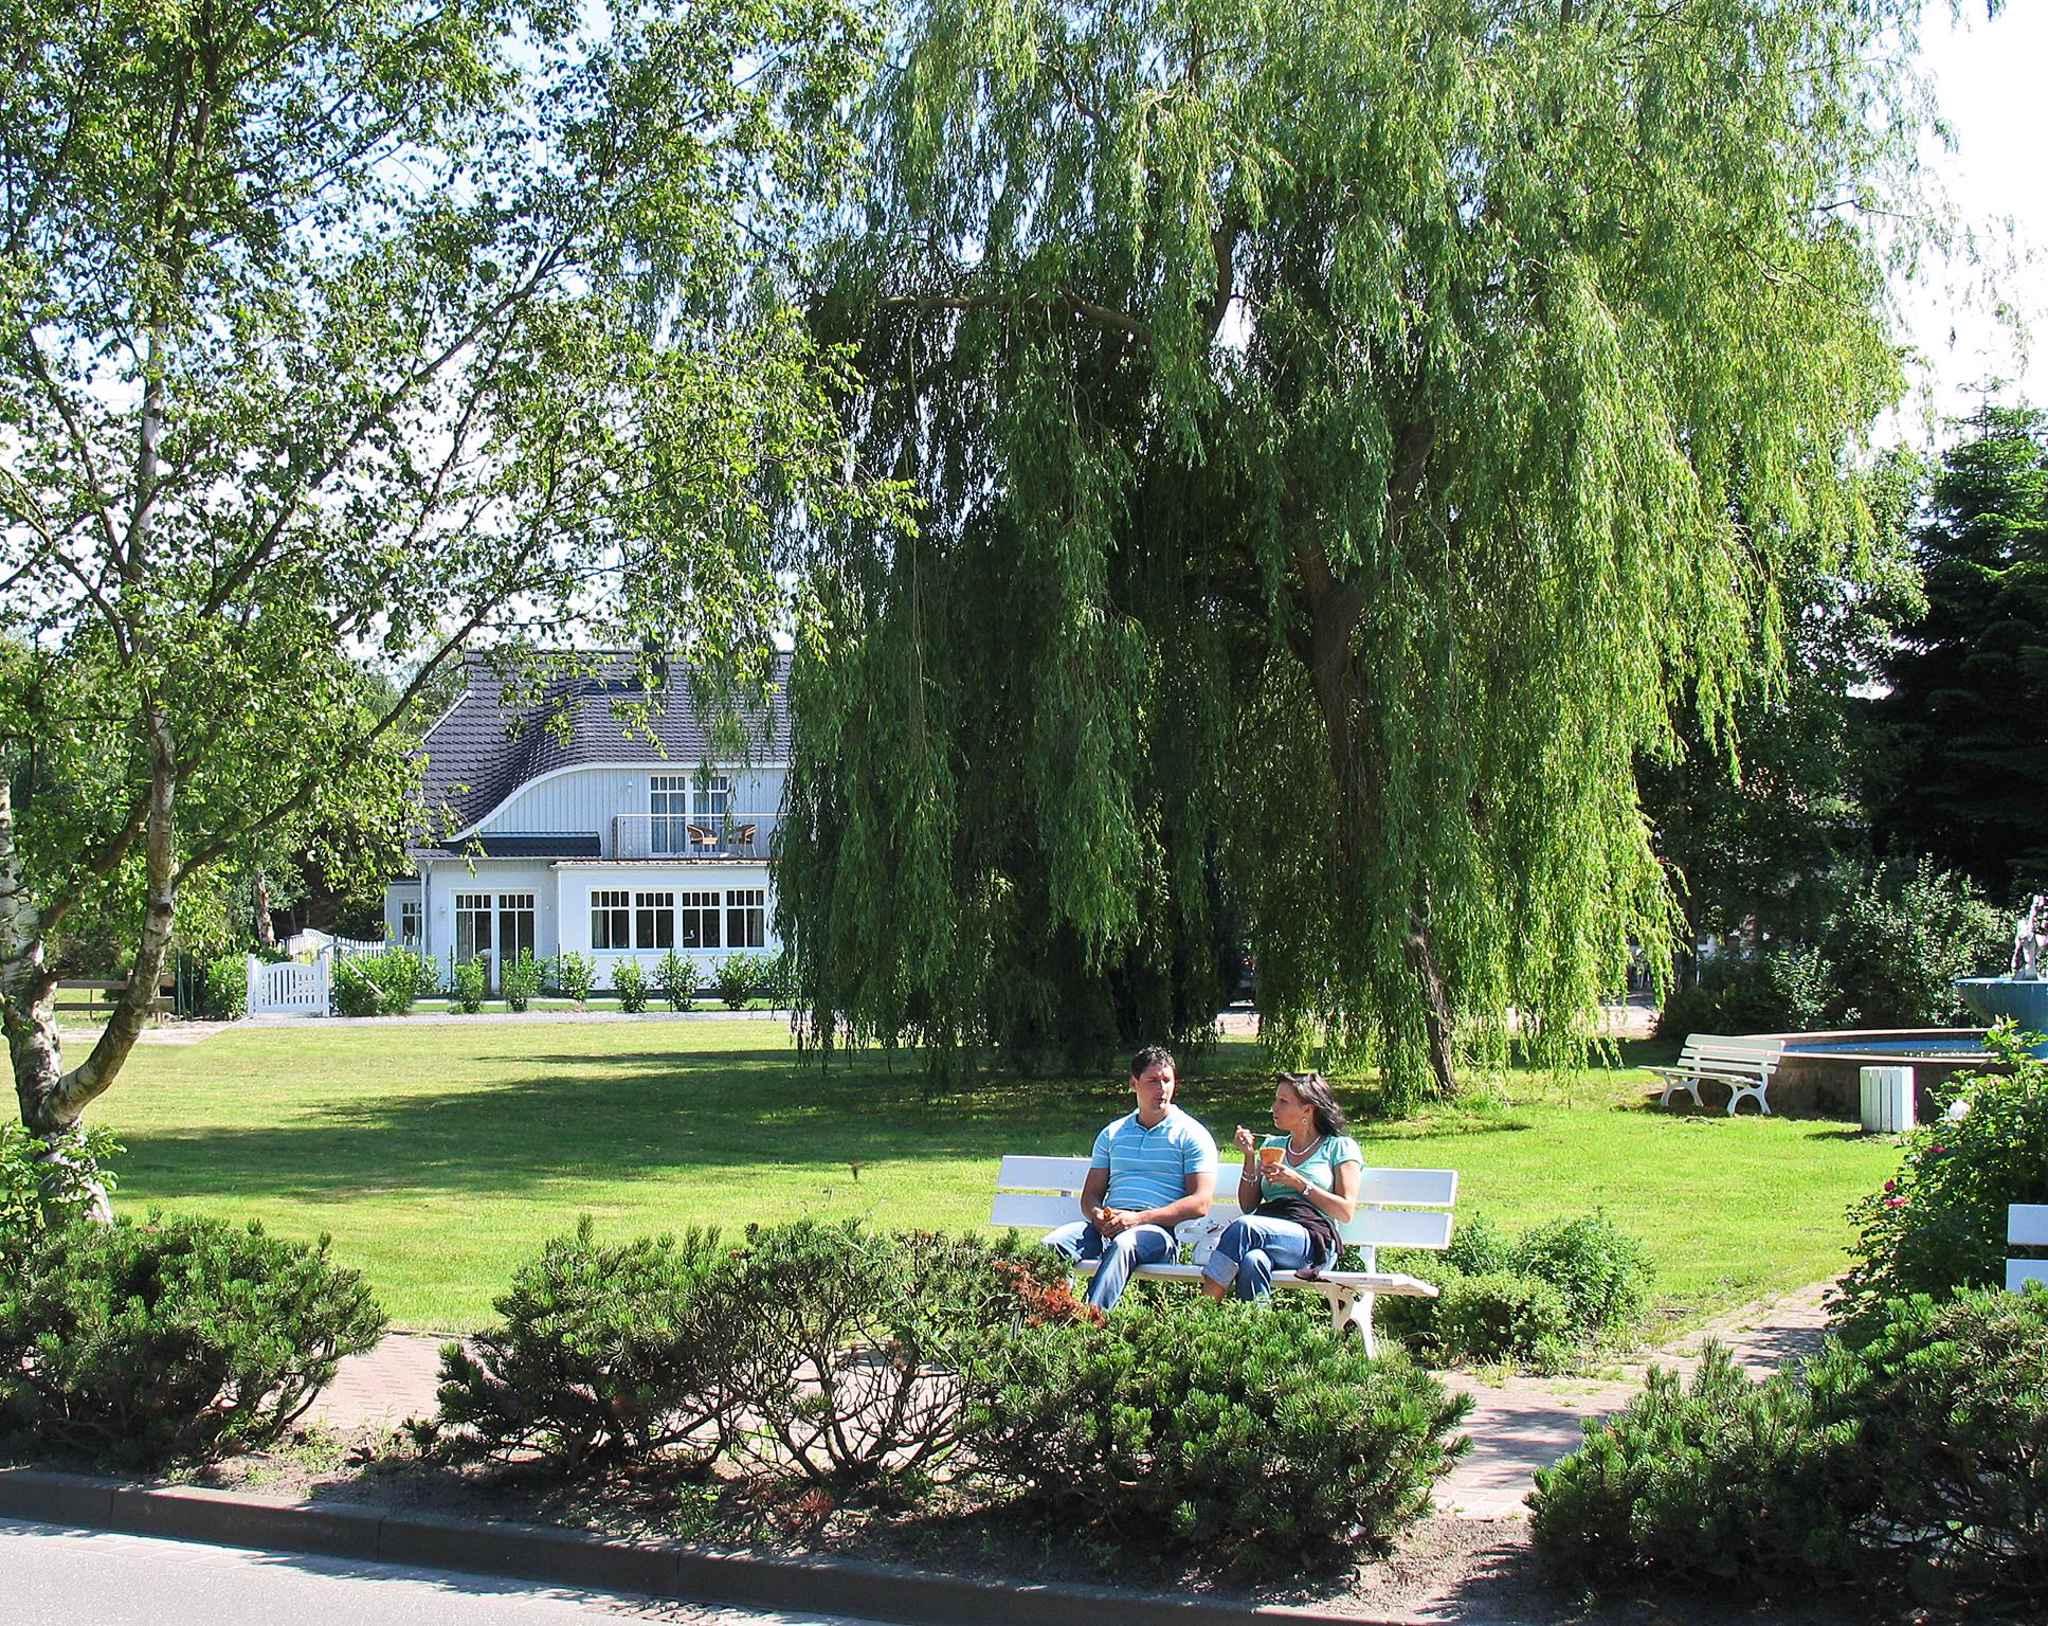 Ferienhaus mit Terrasse und Balkon (650552), Prerow, Fischland-Darss-Zingst, Mecklenburg-Vorpommern, Deutschland, Bild 3